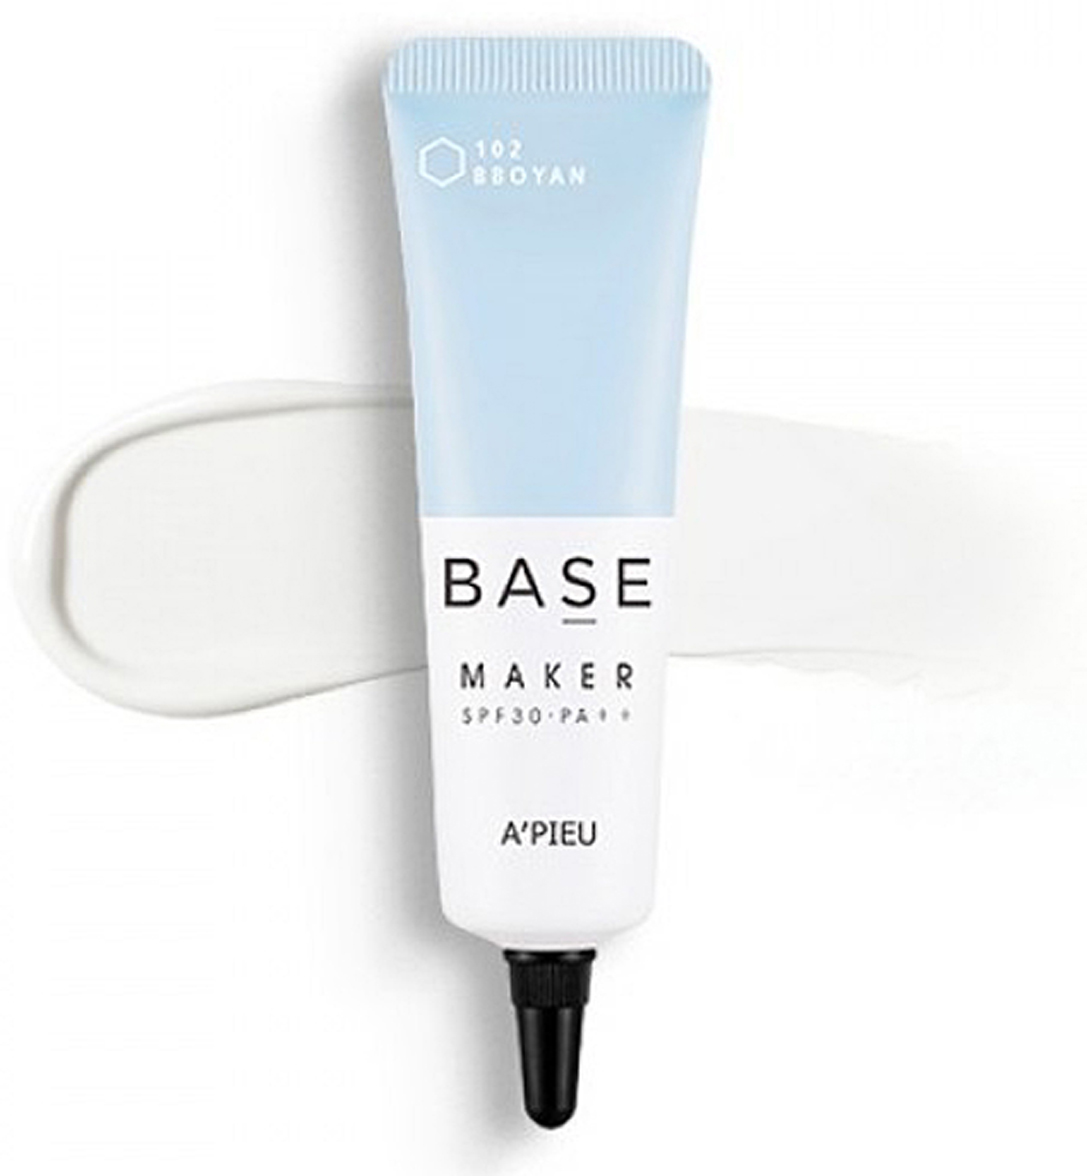 APieu База под макияж №102 молочная, 20 г8806185782883База под макияж создает естественный оттенок кожи, выравнивает цвет лица и делает макияж более стойким. APIEU Base Maker (102 Milky)- средство содержит увлажняющий комплекс, комплекс пророщенных ростков, масло оливы. Восстанавливает яркость тусклой кожи, осветляет, улучшает текстуру. Улучшает стойкость макияжа в течении дня. Увлажняет обезвоженную кожу, избавляет от мелких морщинок, способствует увеличению синтеза коллагена. Солнцезащитный фактор SPF30/ PA ++